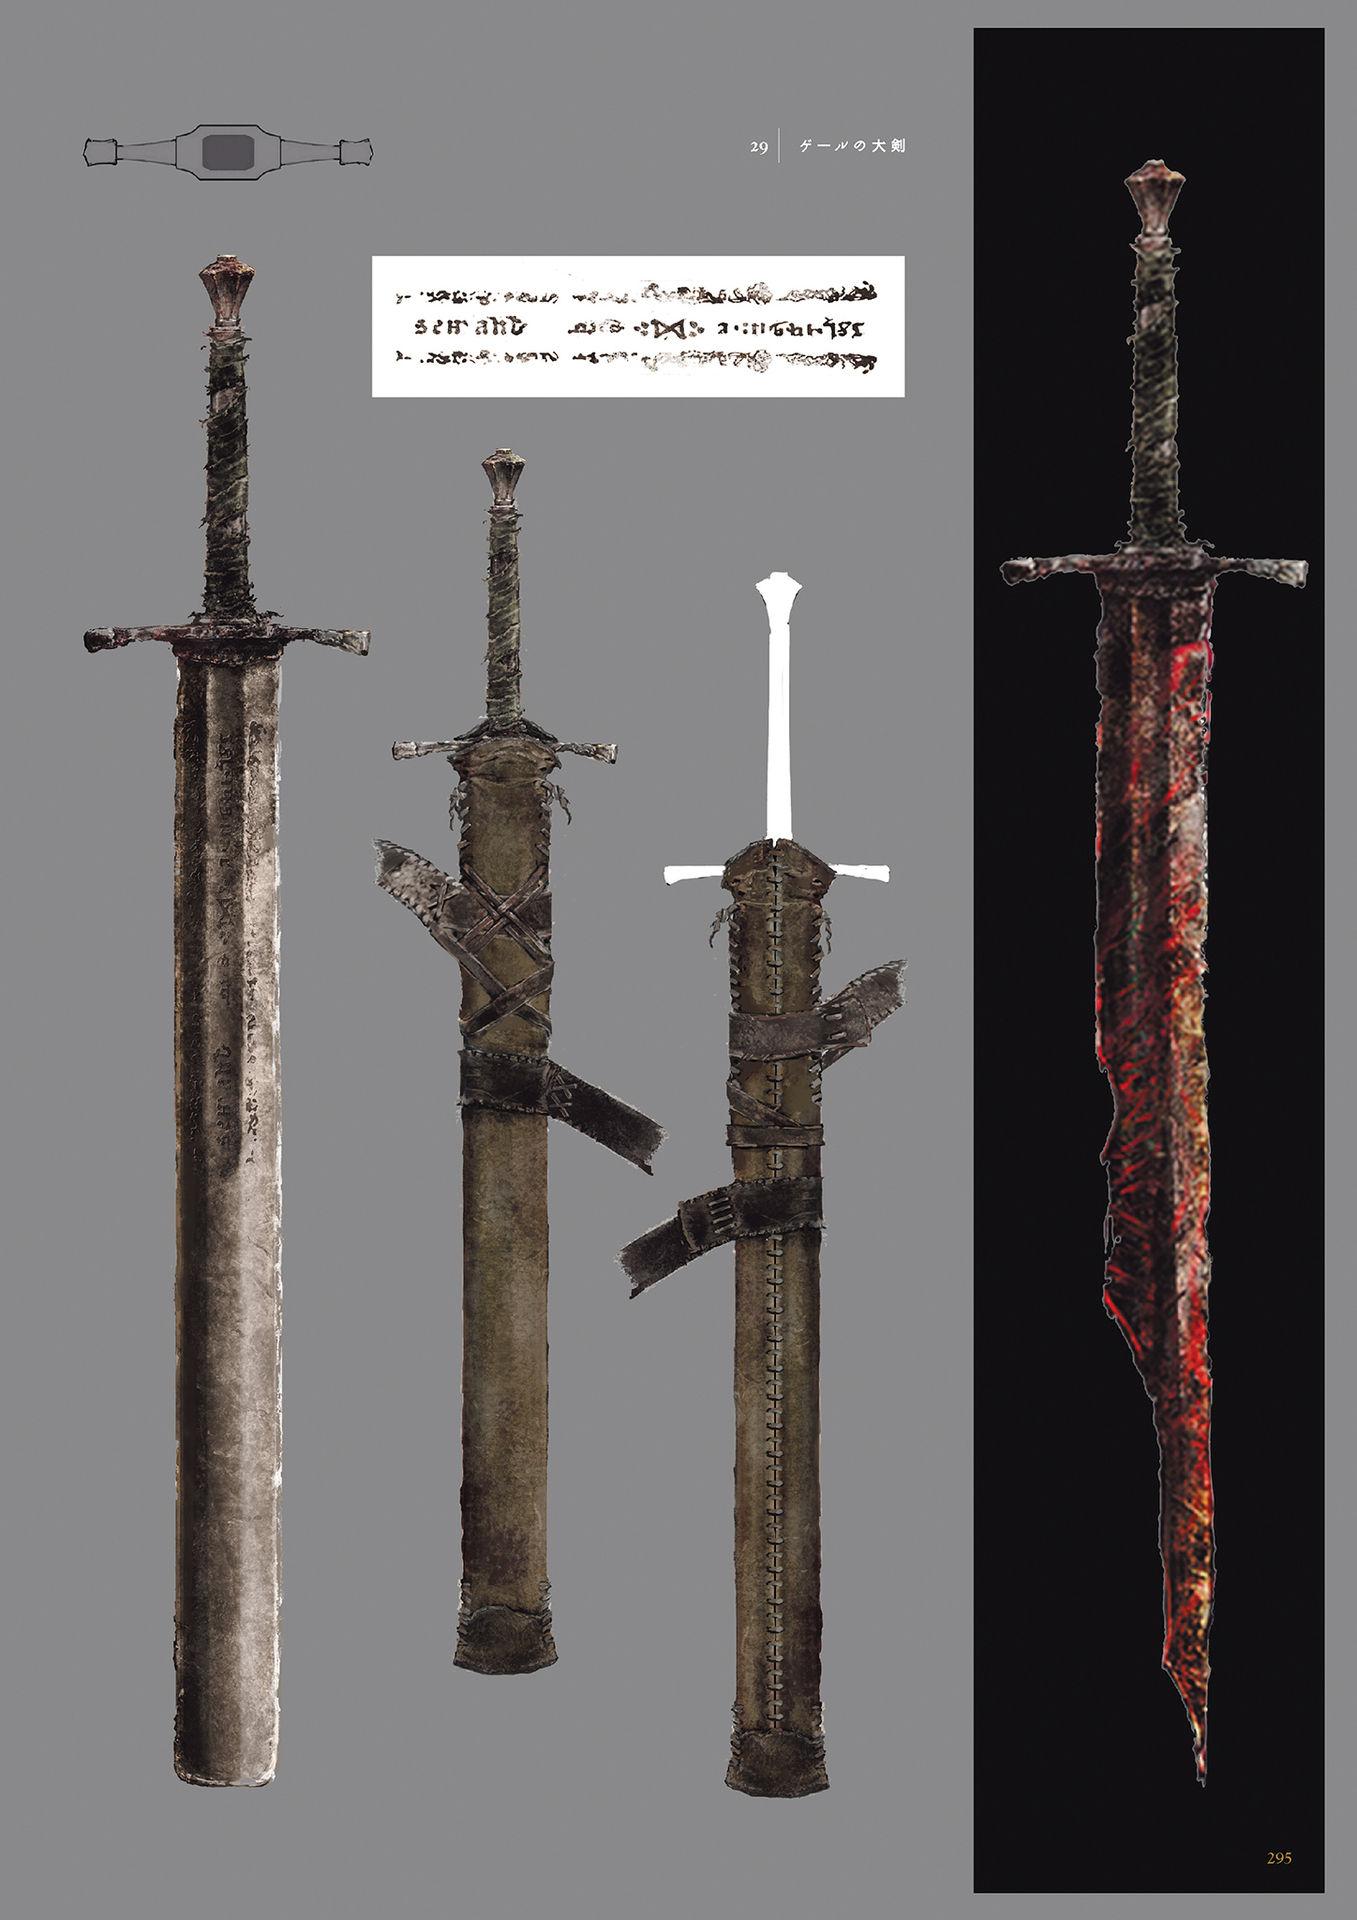 历史原型,这种形制的剑产生于欧洲大陆的15世纪至19世纪,确实是拿来